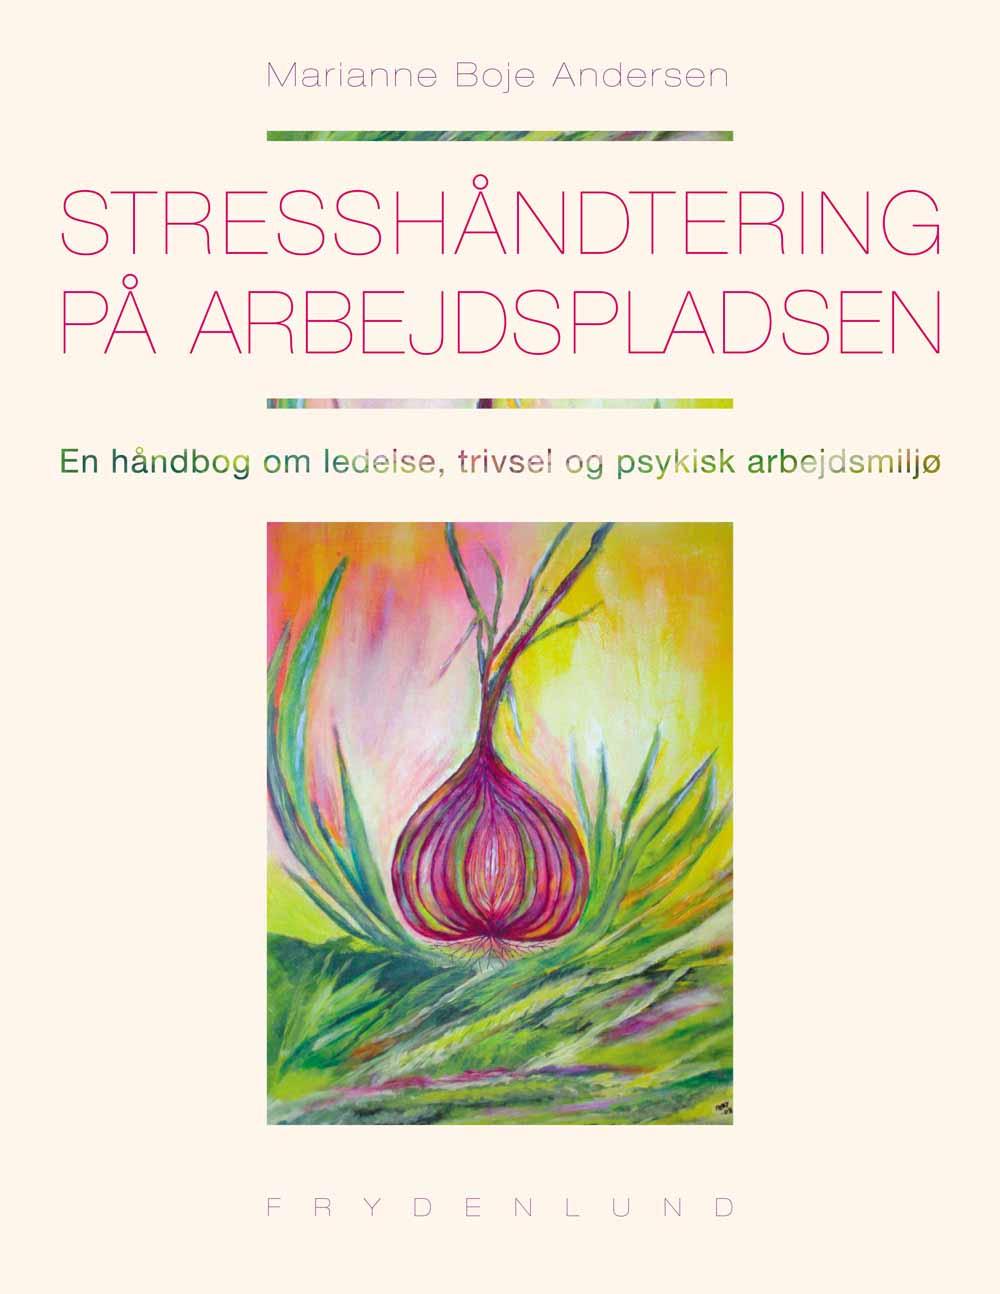 Stresshåndtering på arbejdspladsen - e-bog fra N/A på bog & mystik